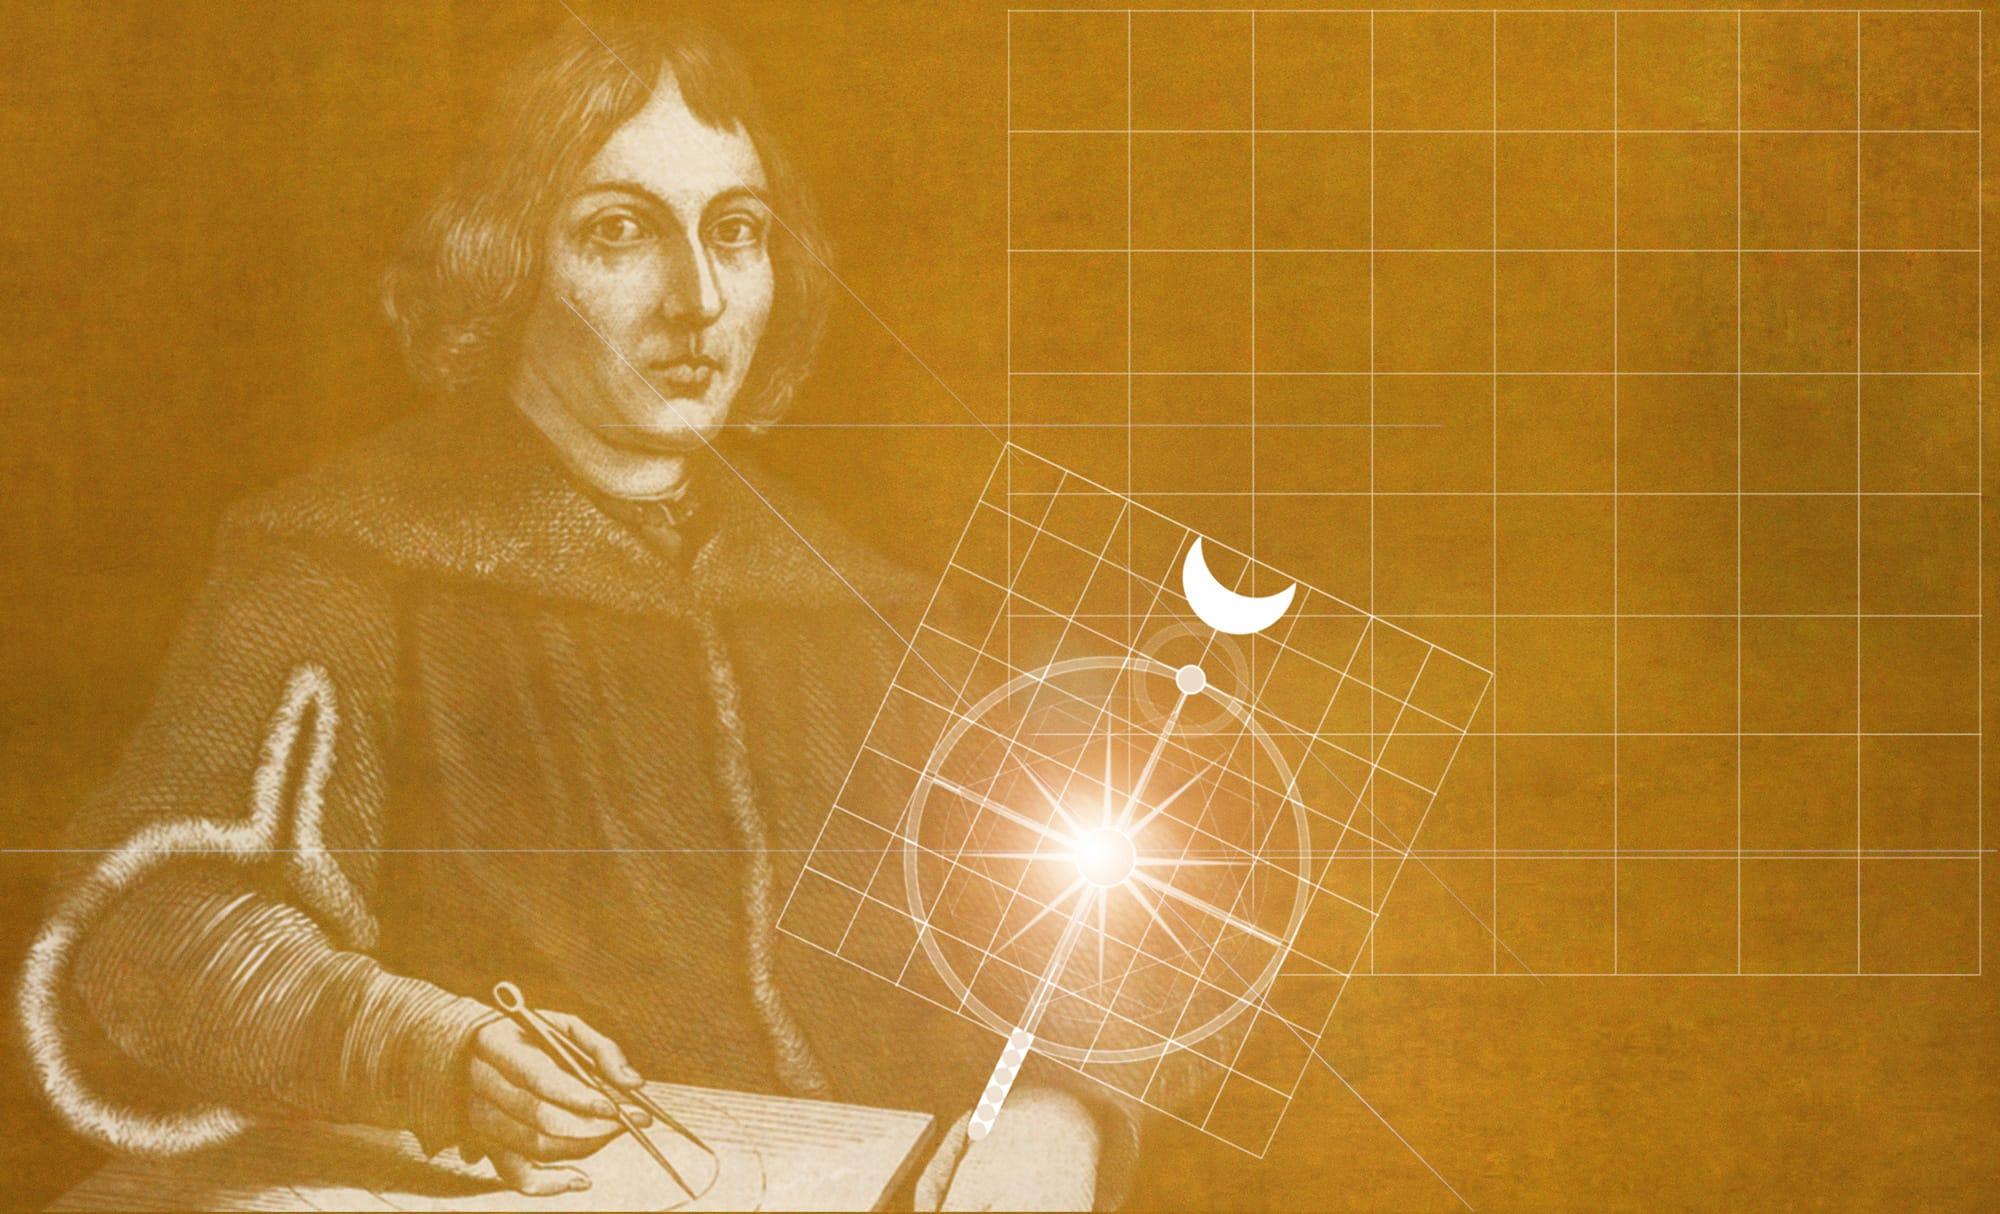 007Nicolas-Copernico_8982704602_o